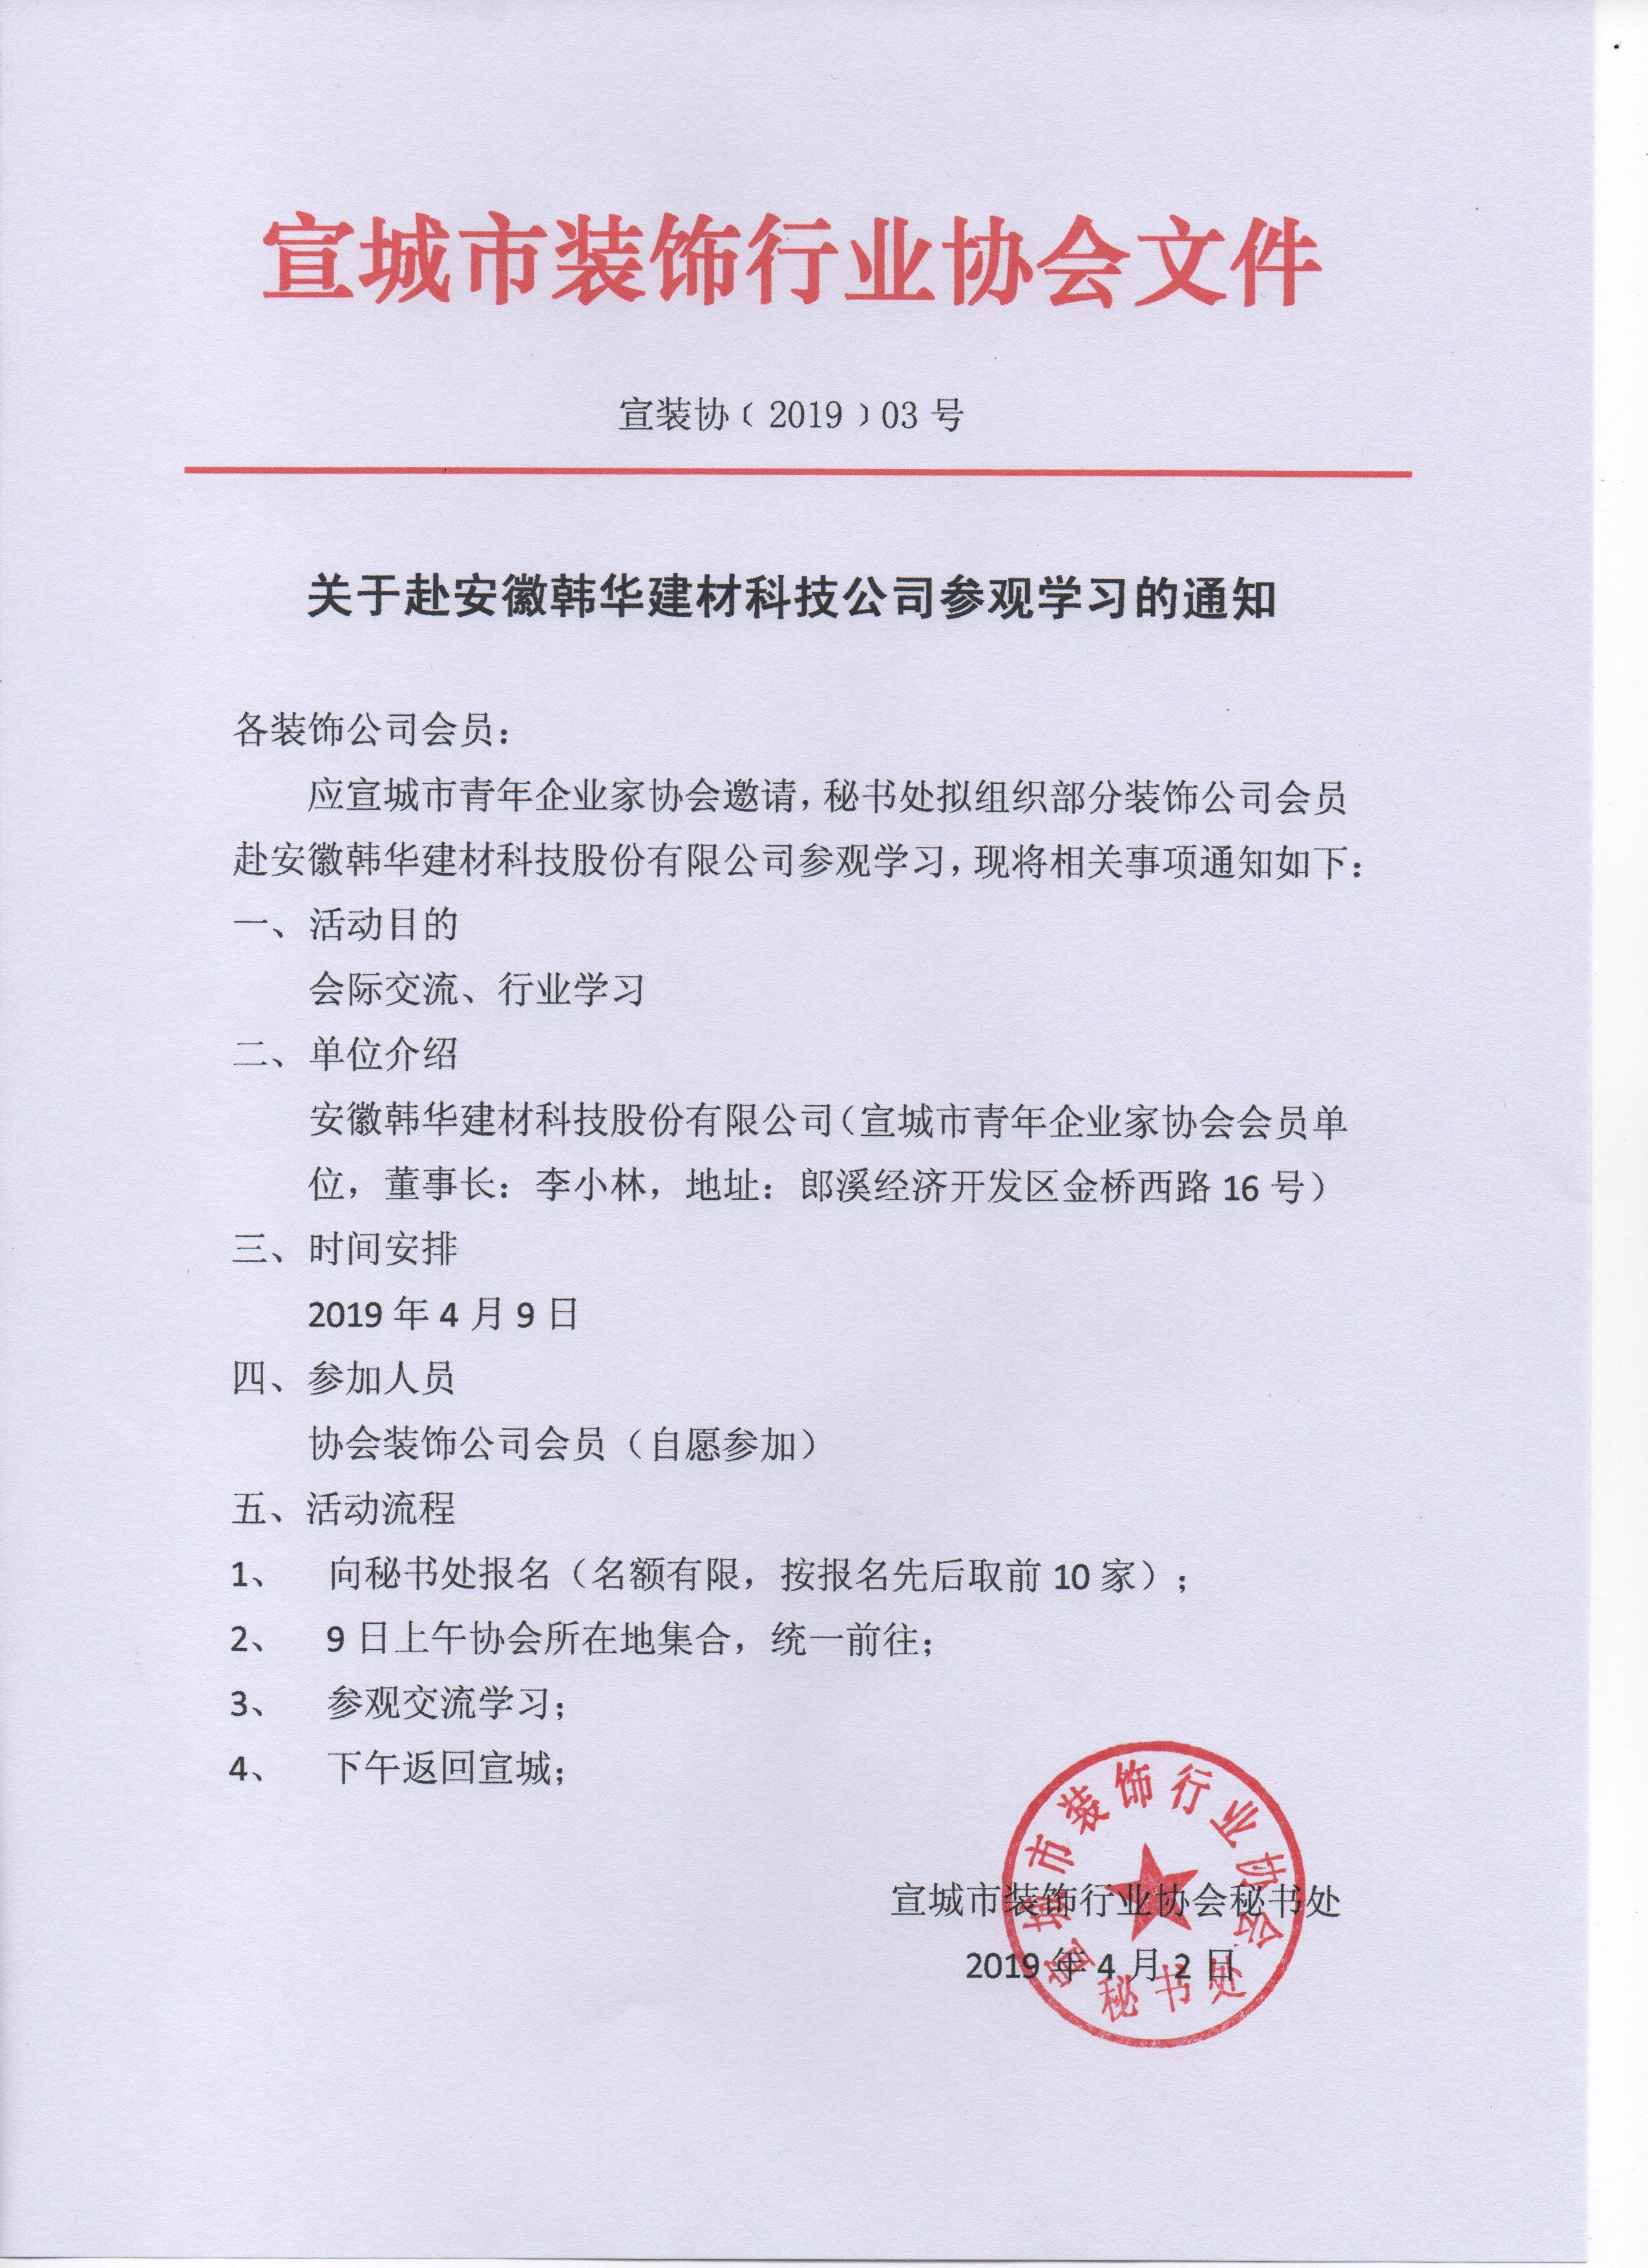 关于赴安徽韩华建材科技公司参观学习的通知001